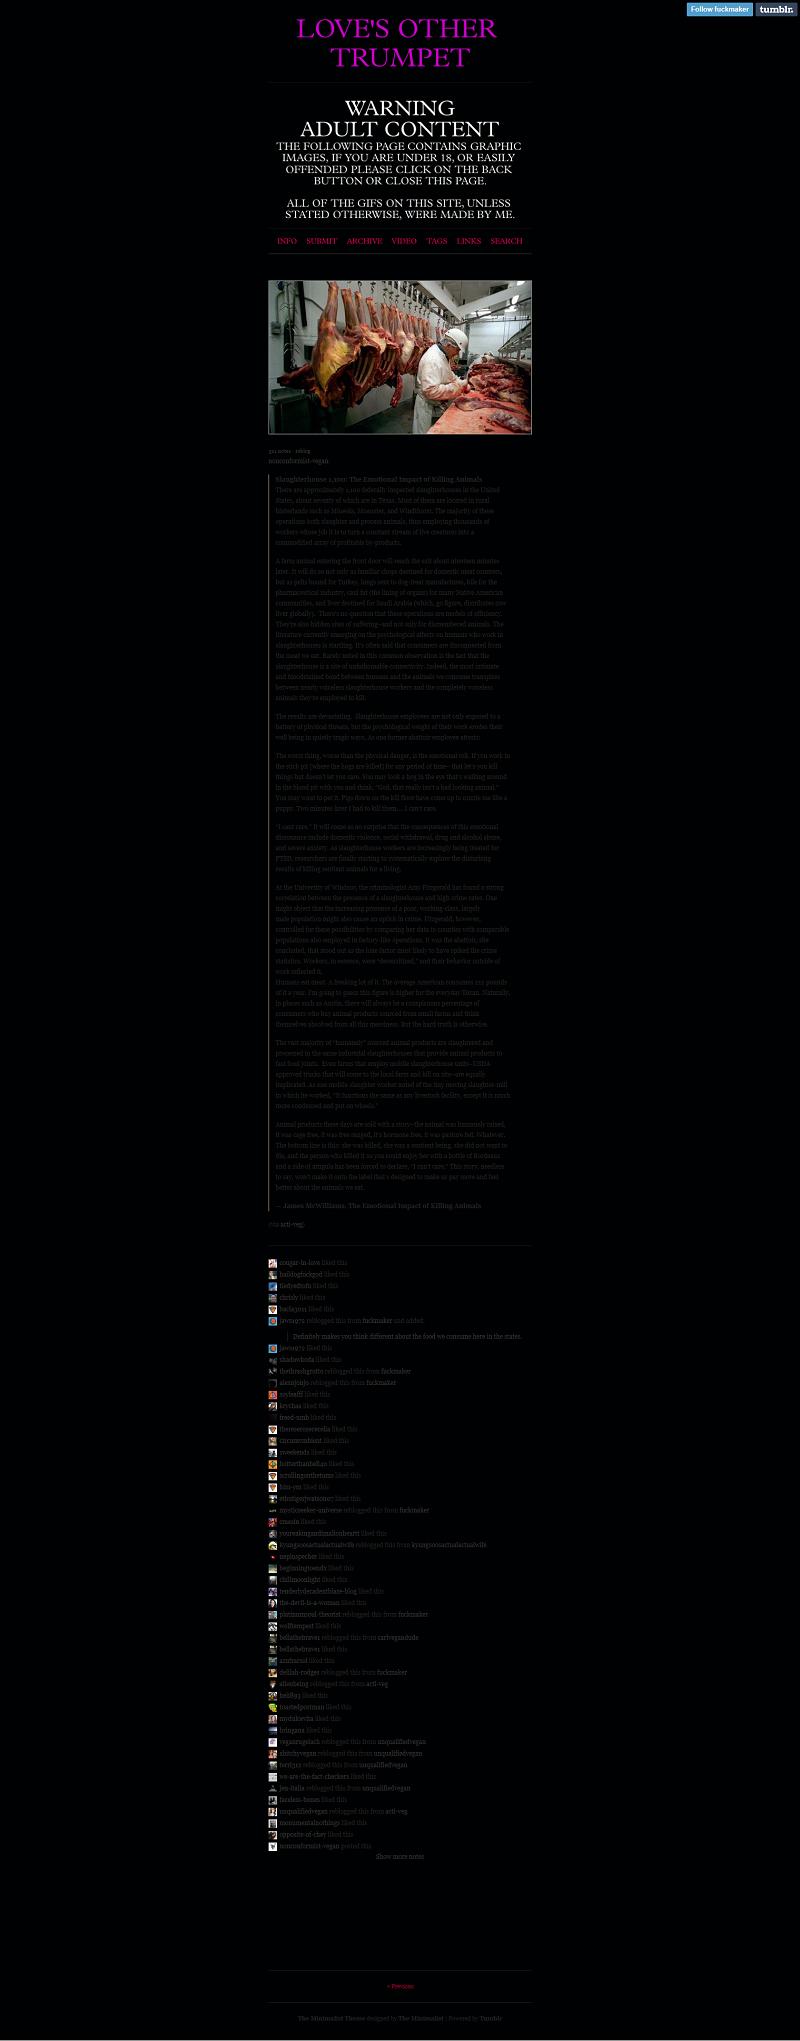 Fuckmaker - Fuckmakercom - Popular Gif Dump Sites - Best -1489